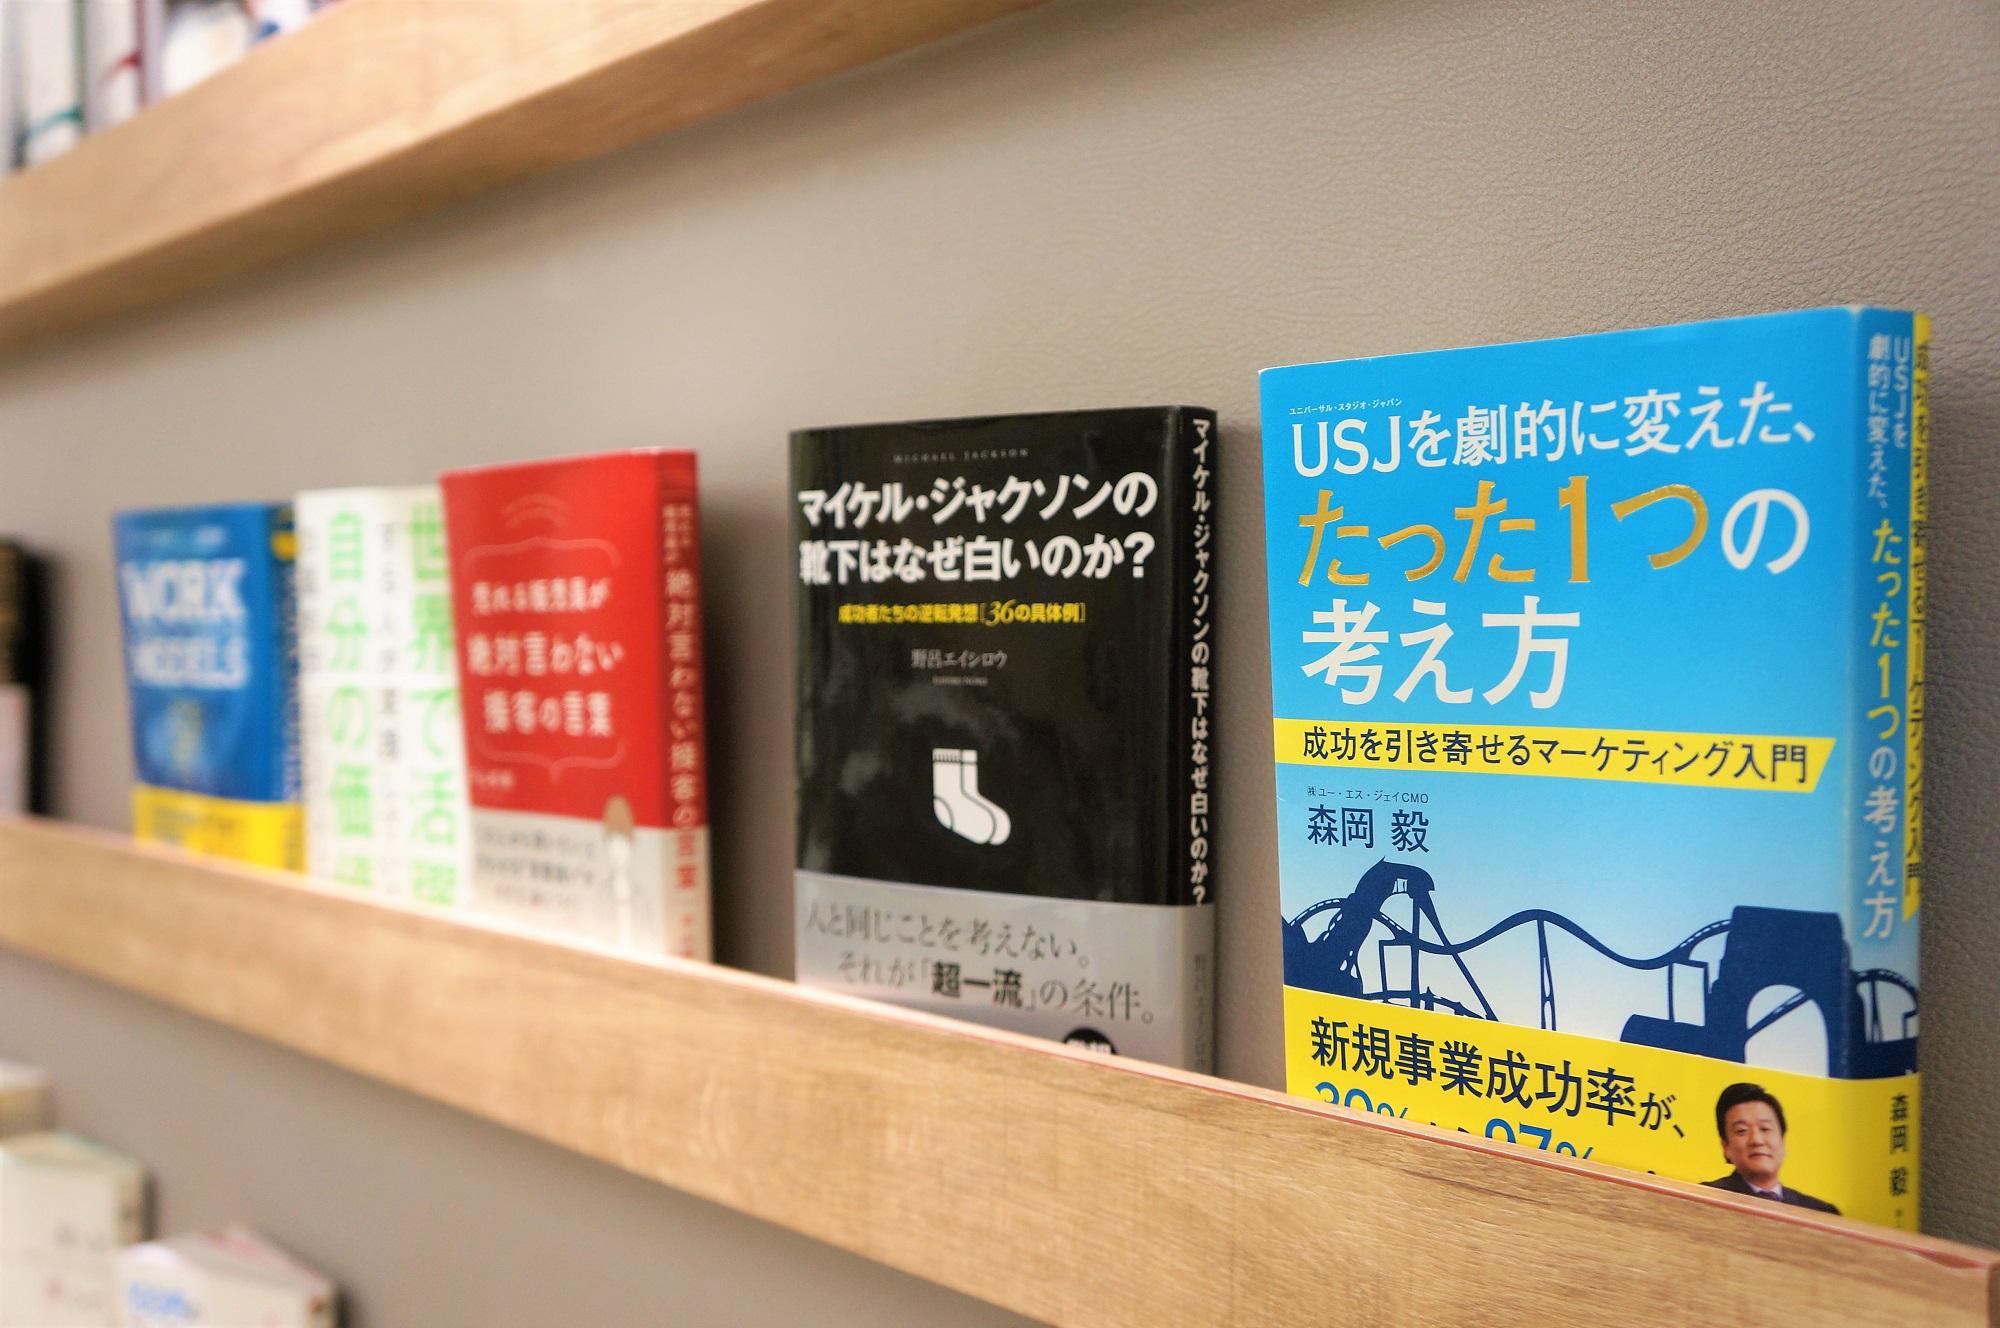 ライブラリー 書籍コーナー シェアオフィス無料本 コワーキングスペース読書 シェアオフィス読書